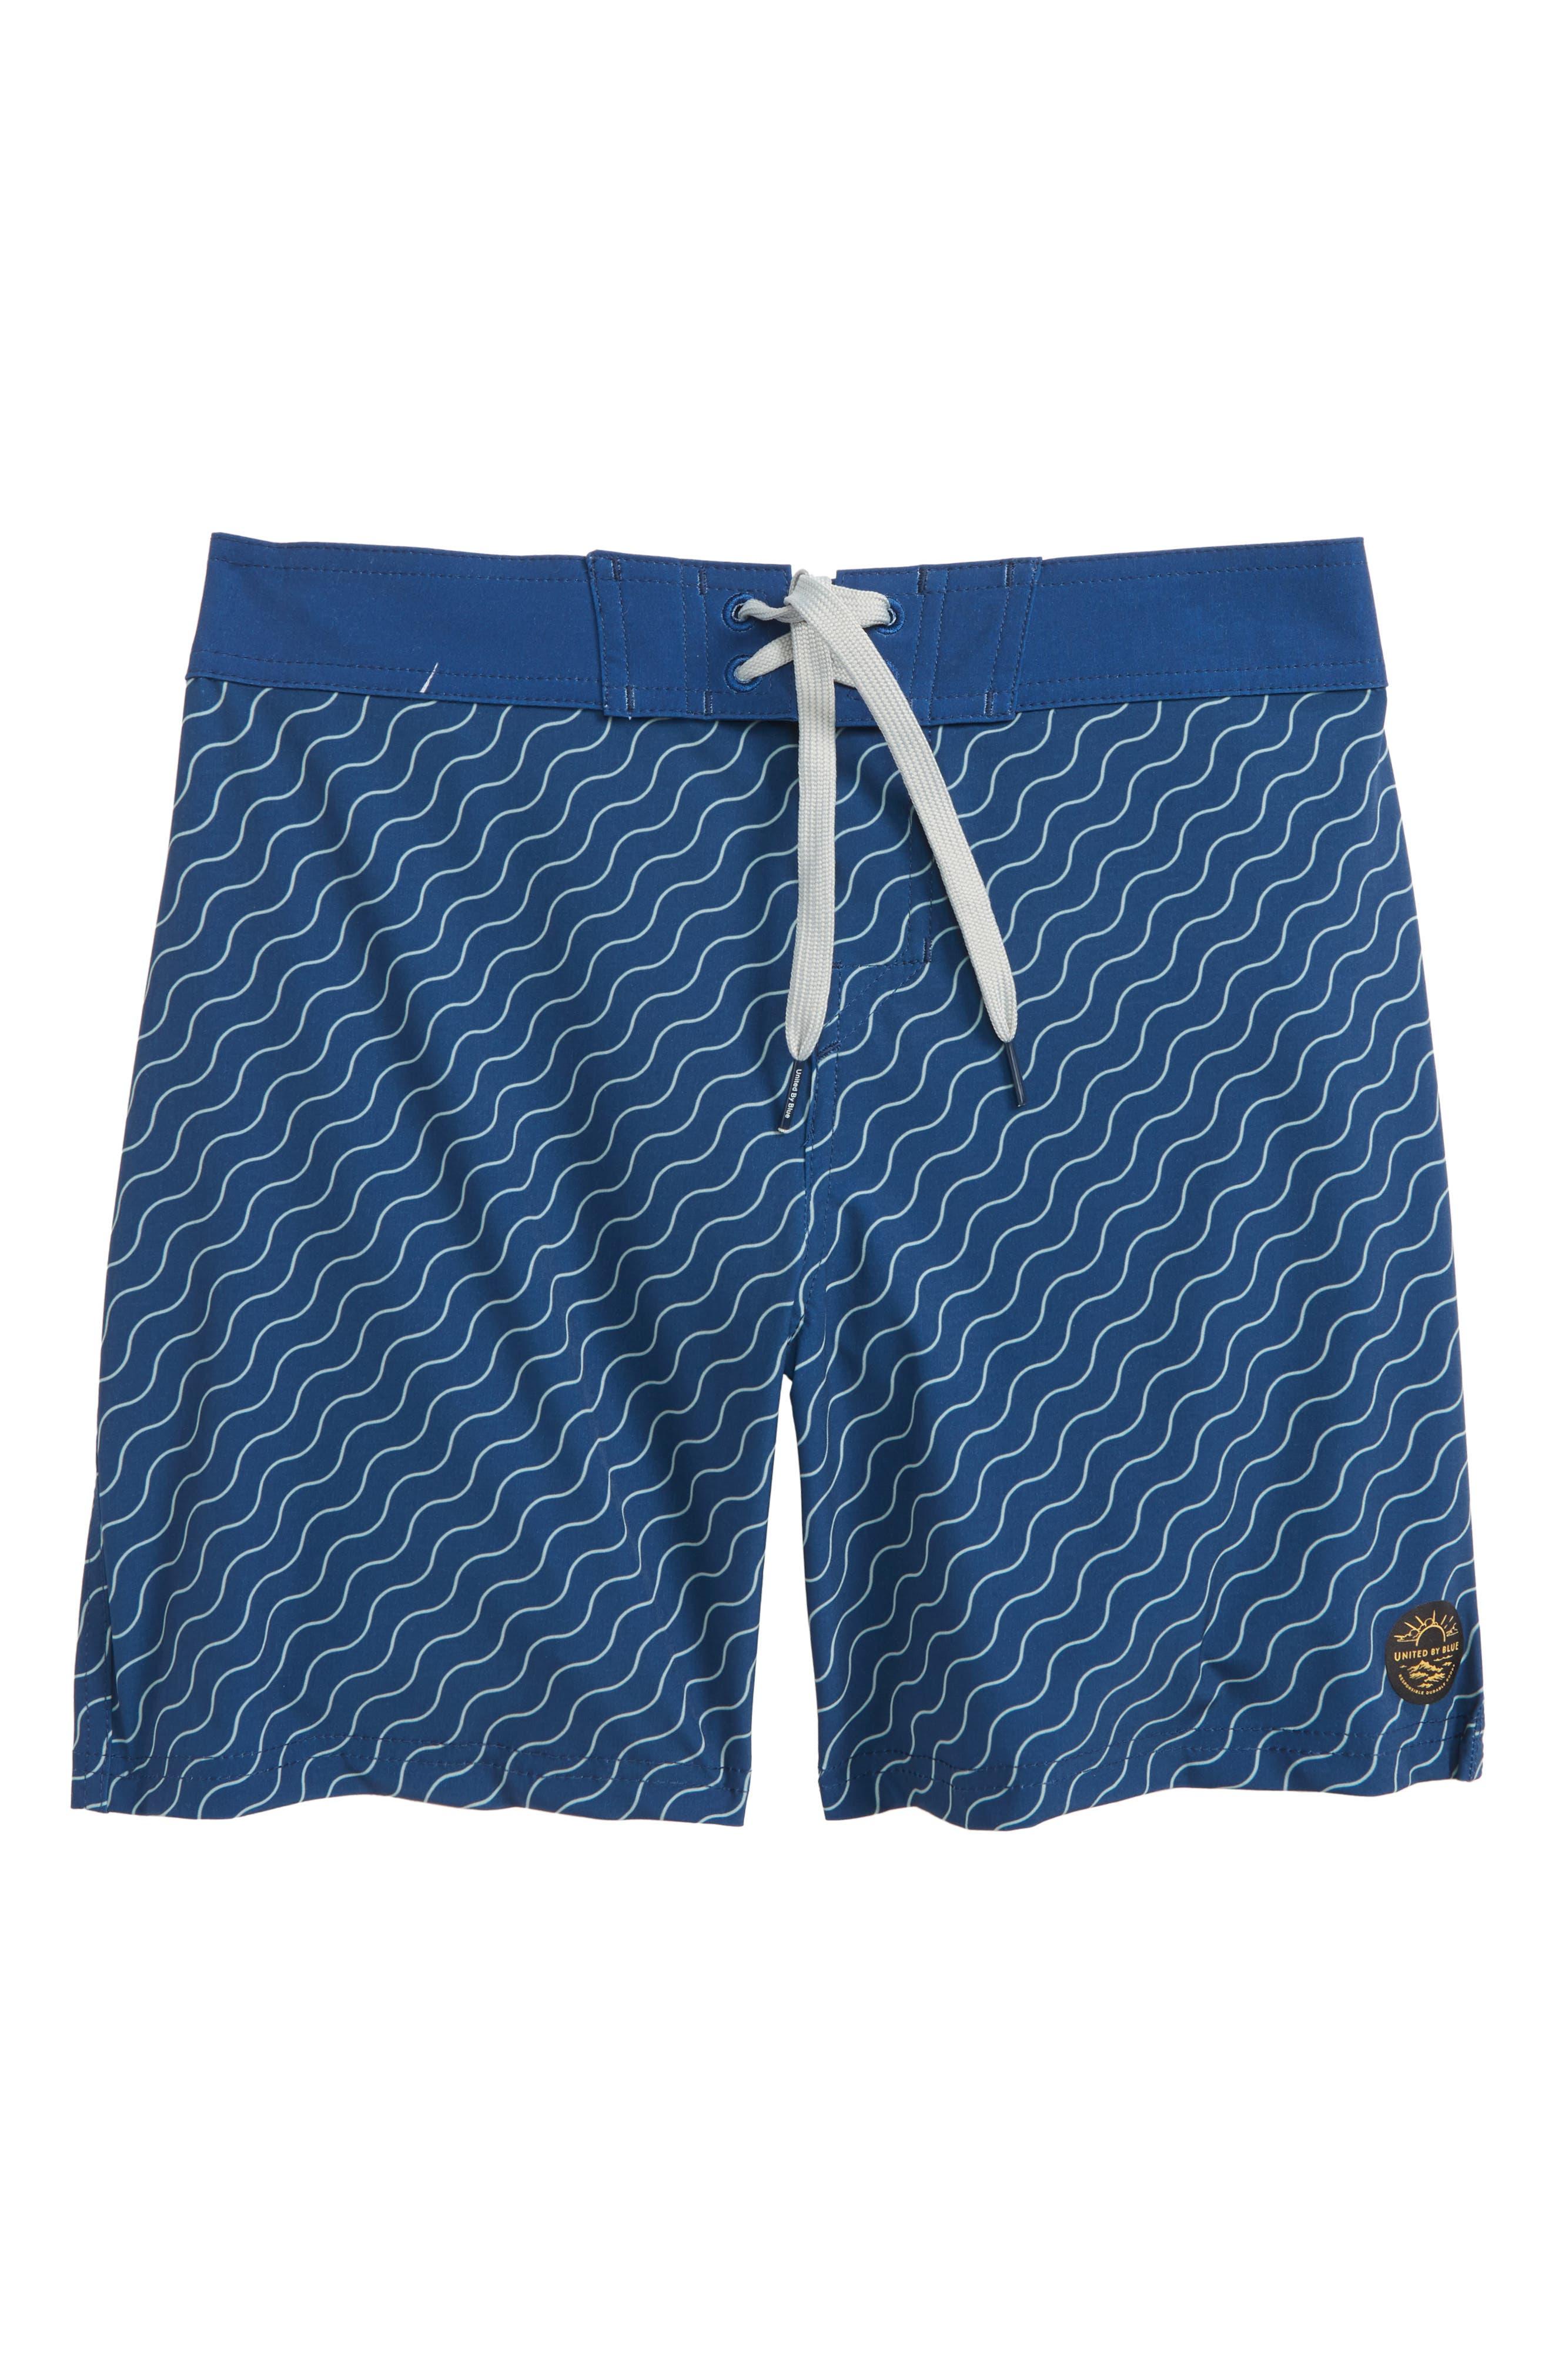 Stillwater Board Shorts,                             Main thumbnail 1, color,                             Navy